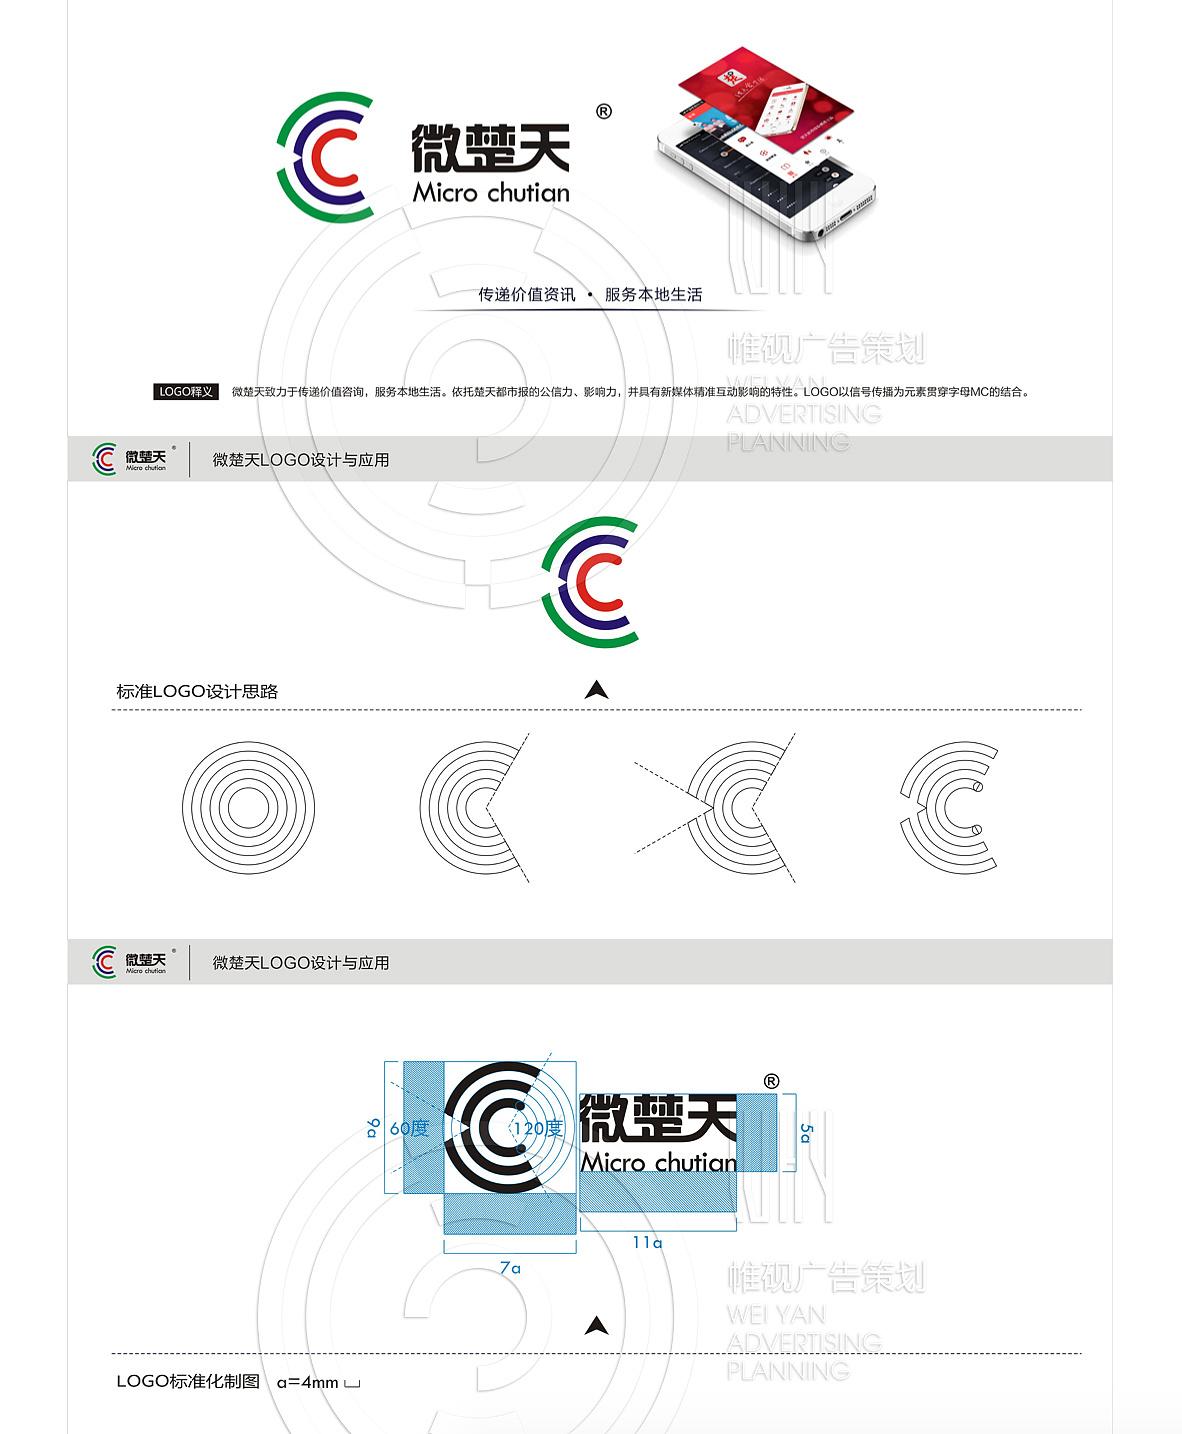 楚天传媒集团微信公众号logo设计